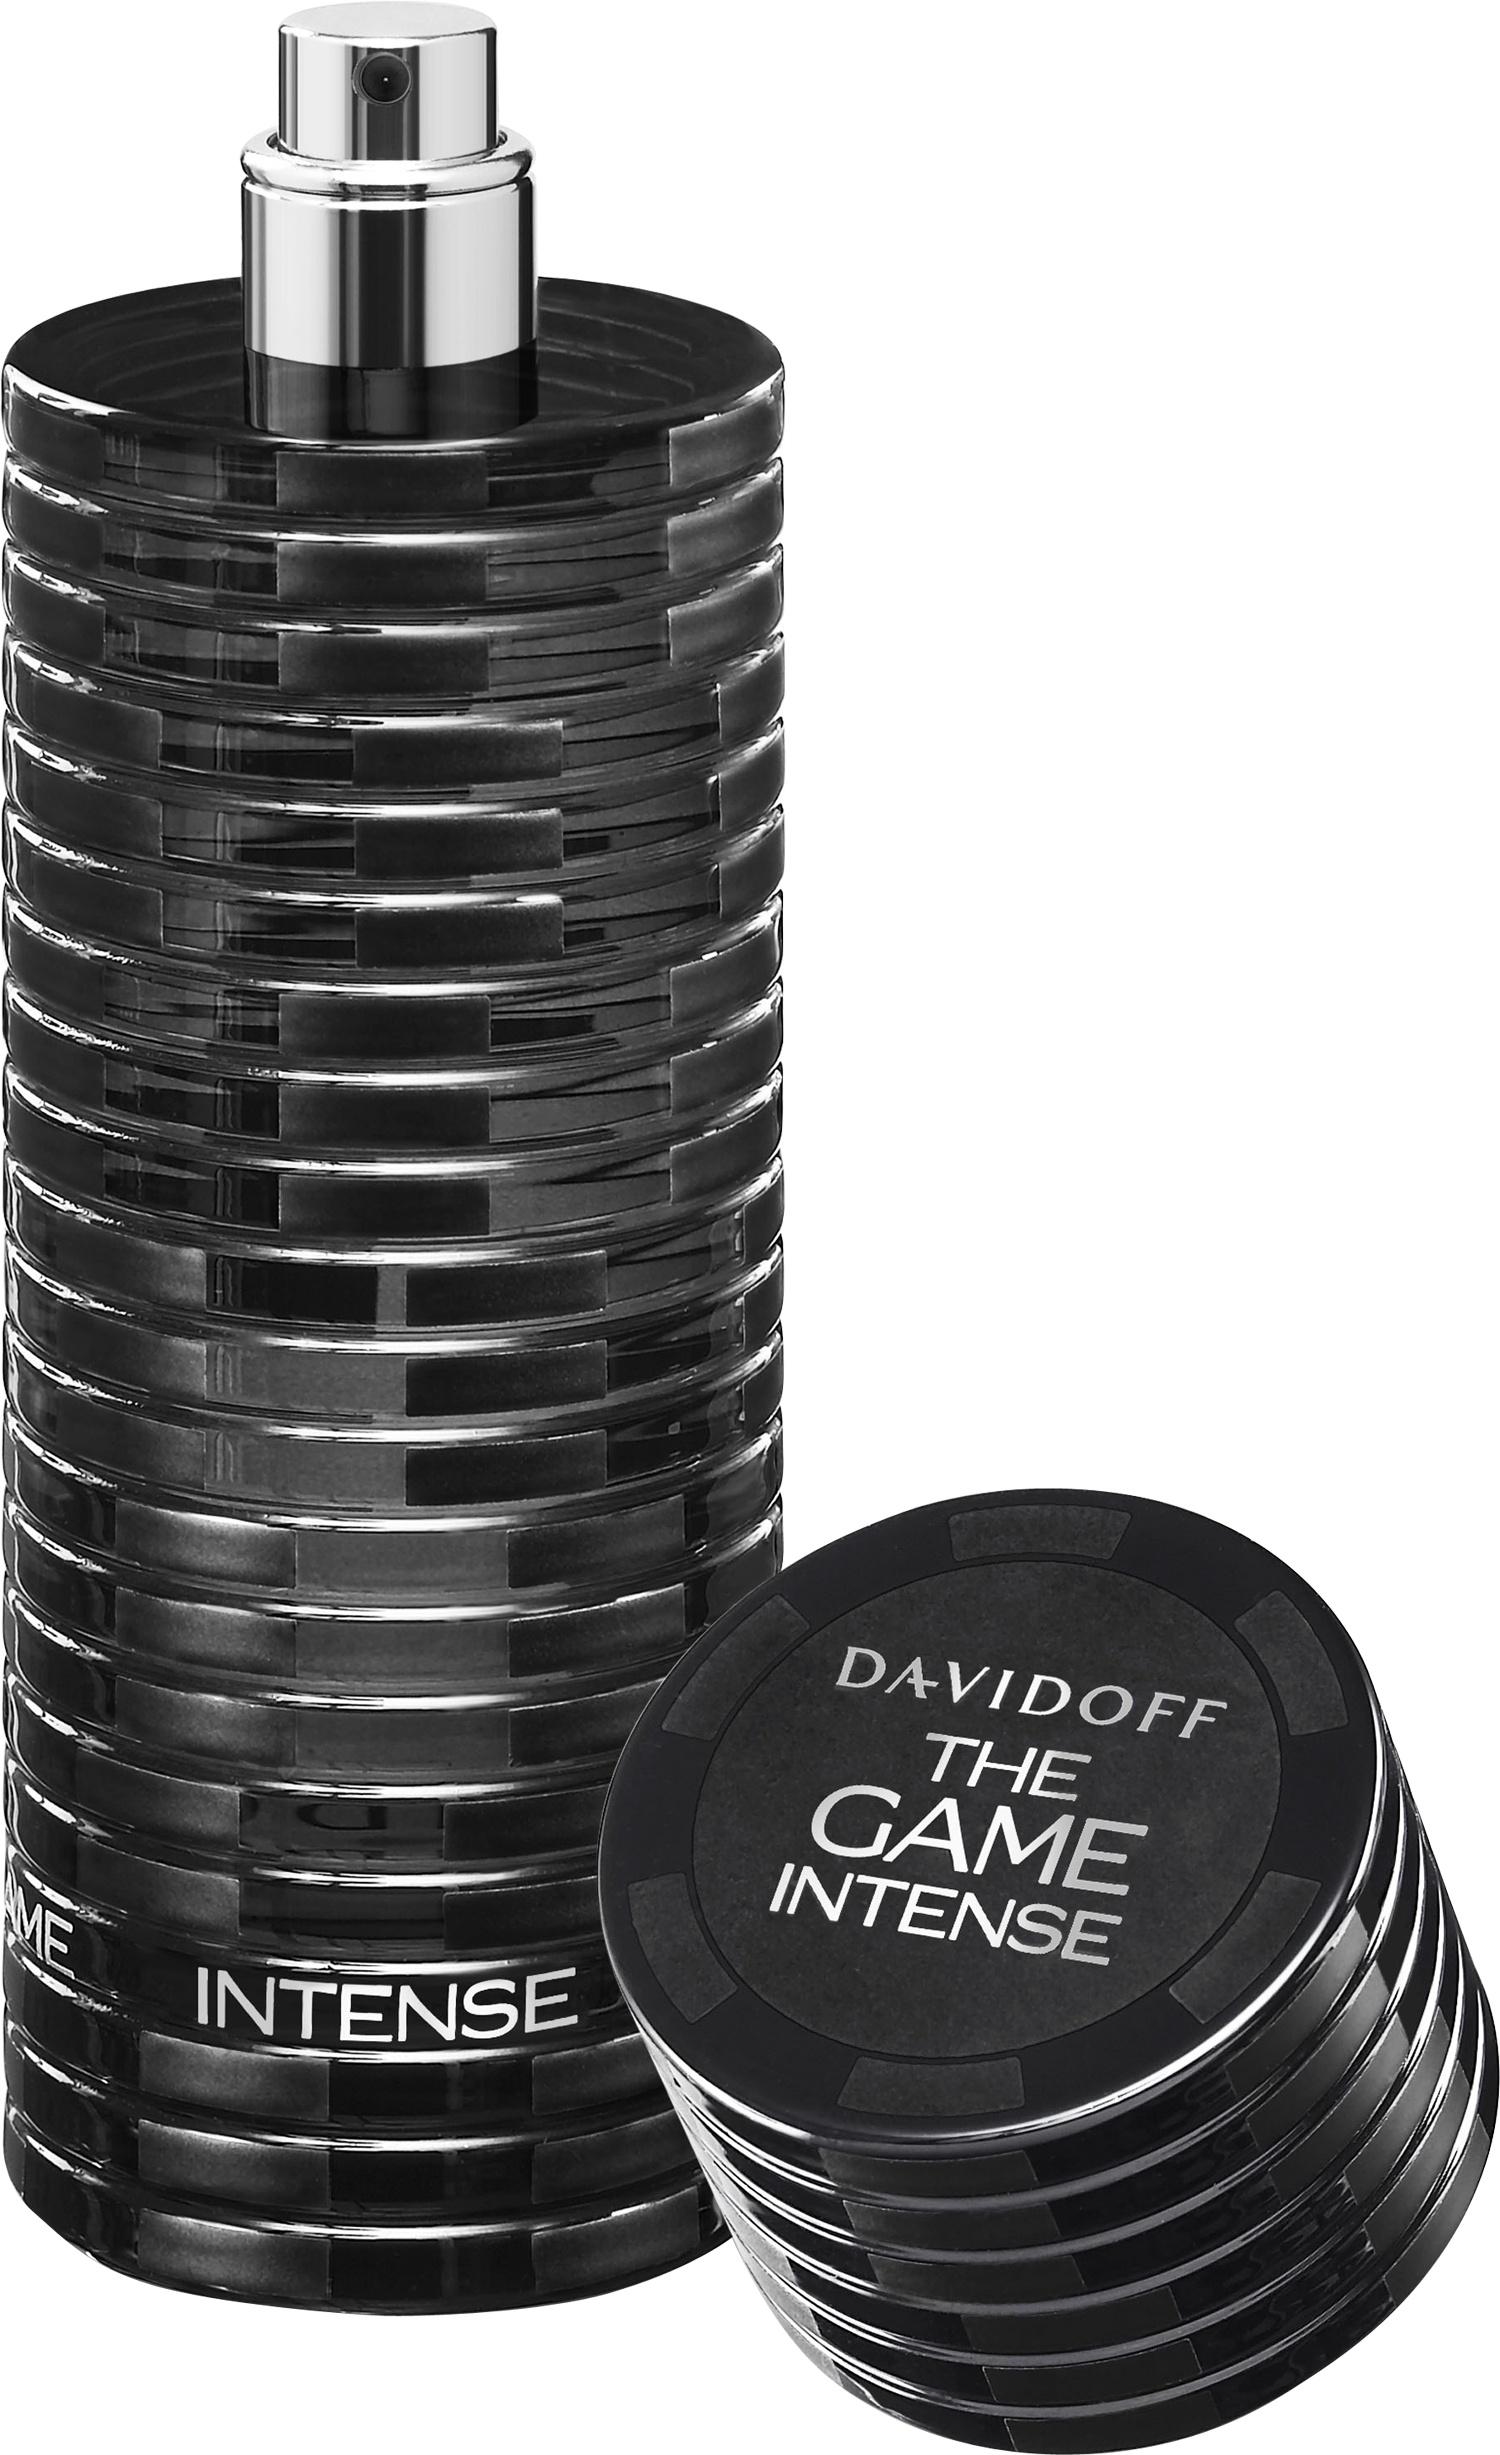 Davidoff The Game Intense toaletní voda